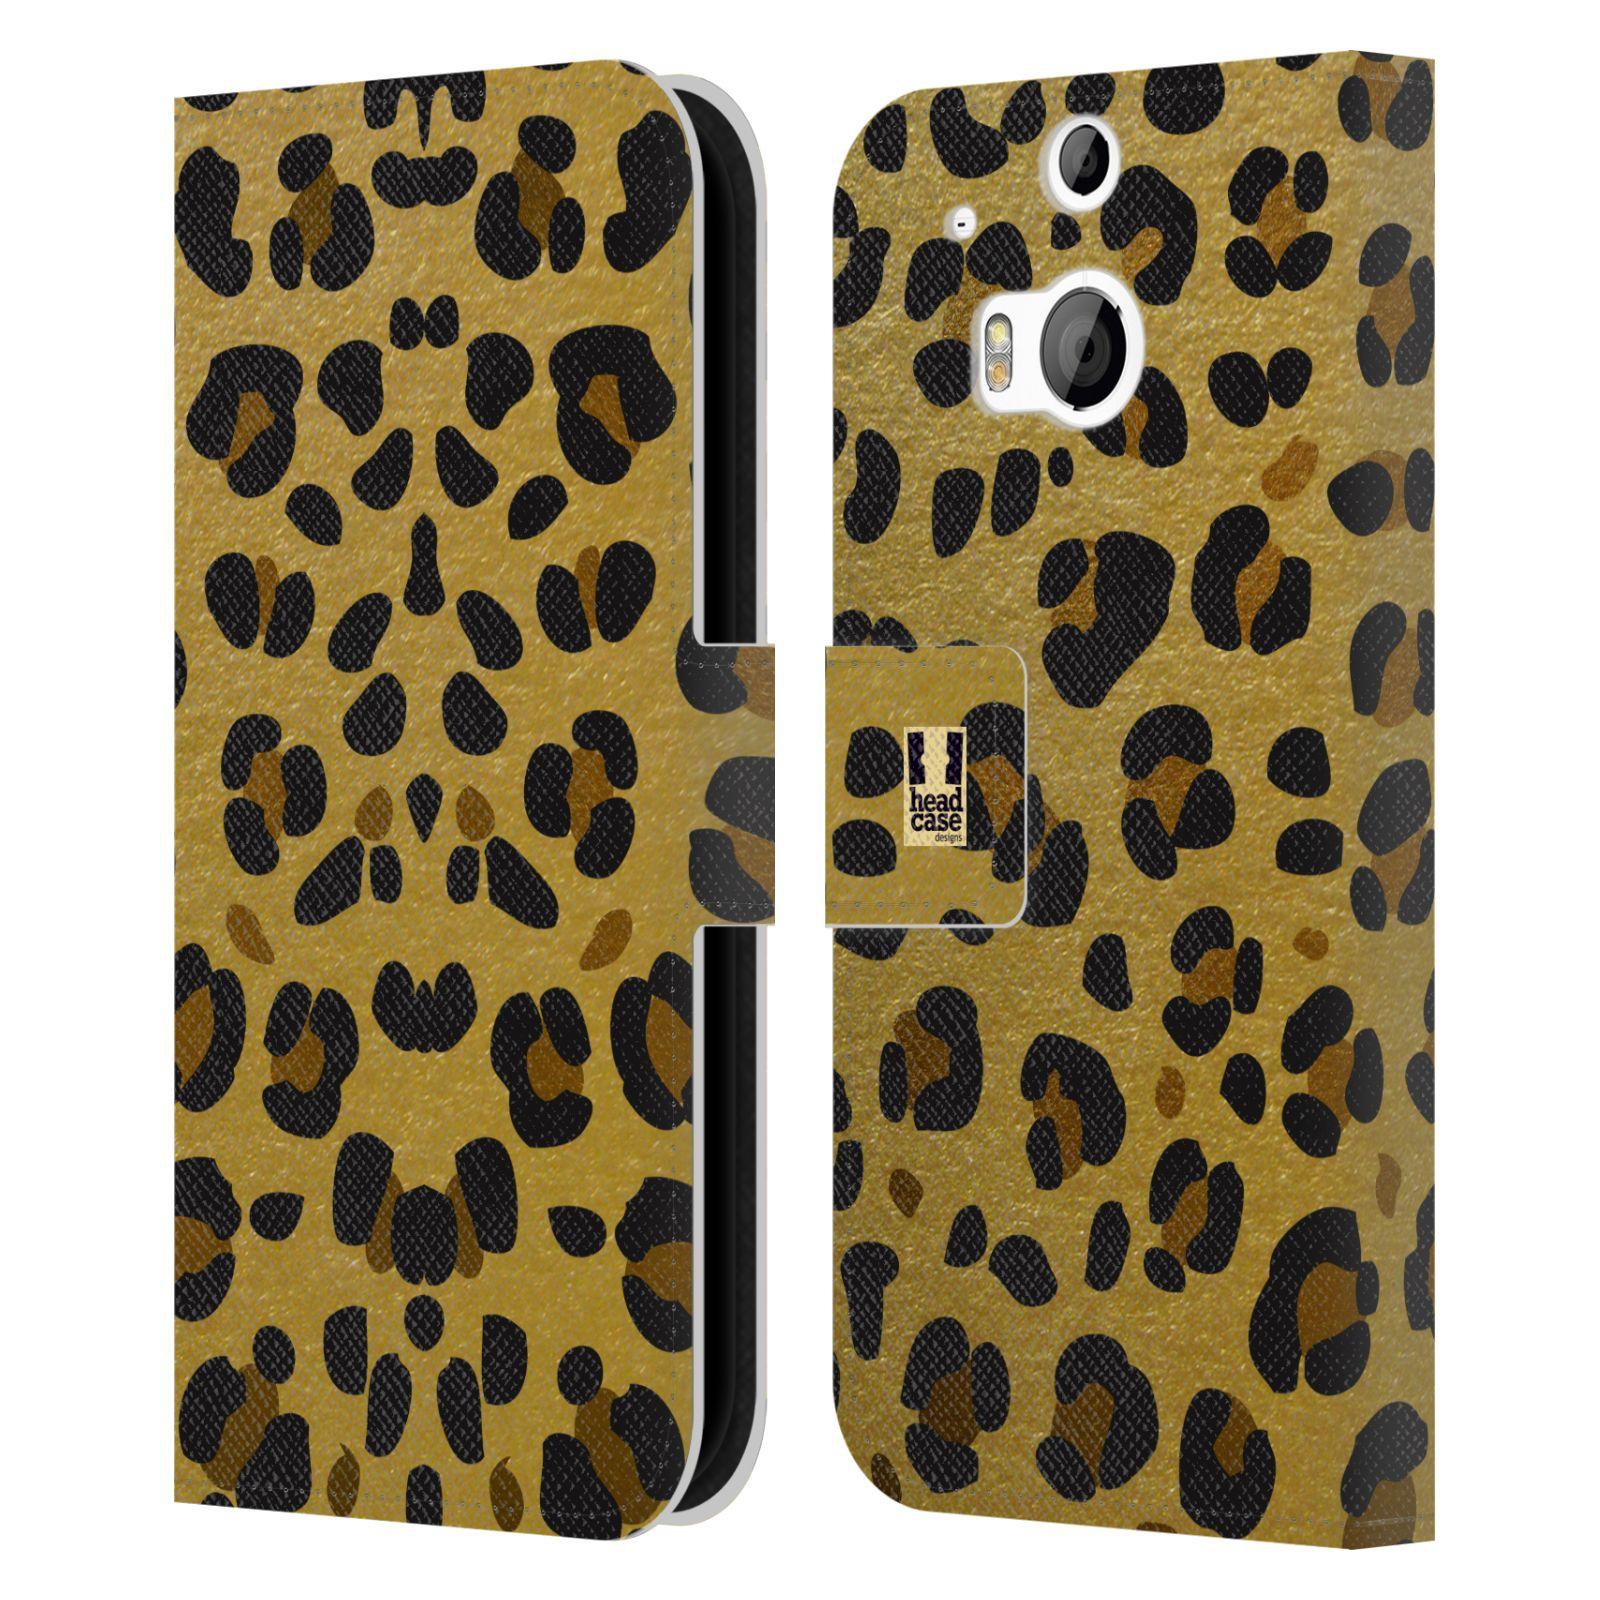 Pouzdro na mobil HTC One M8, M8s - Head Case - Fashion zvířecí vzor